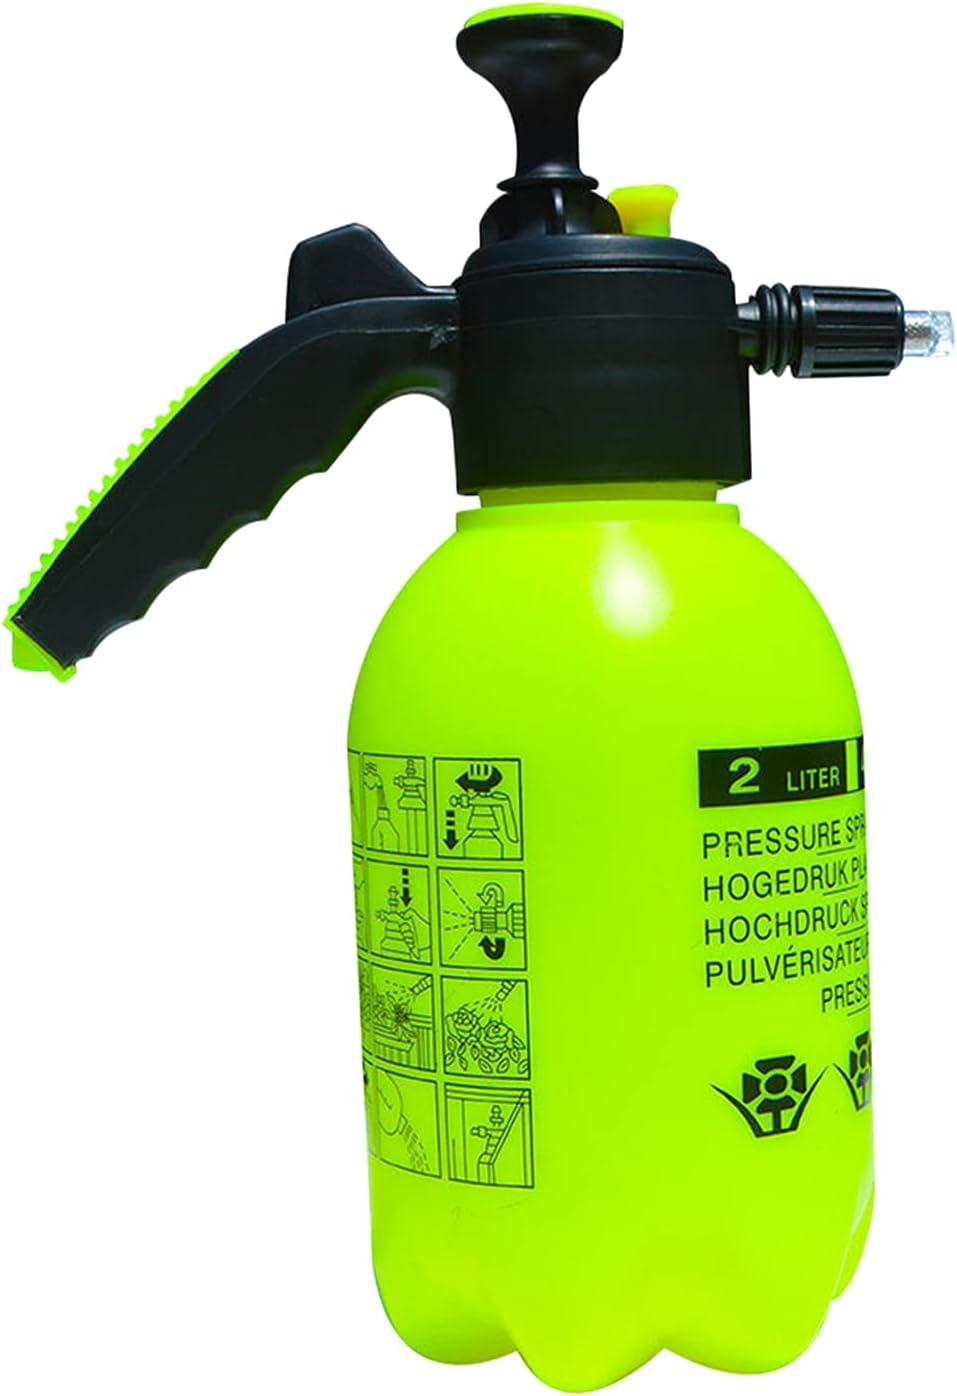 FLAMEER Rociador de espuma para lavado de coches, Cañón de espuma, rociador de jardín, rociador de espuma de jardín Manual, rociadores de agua a presión